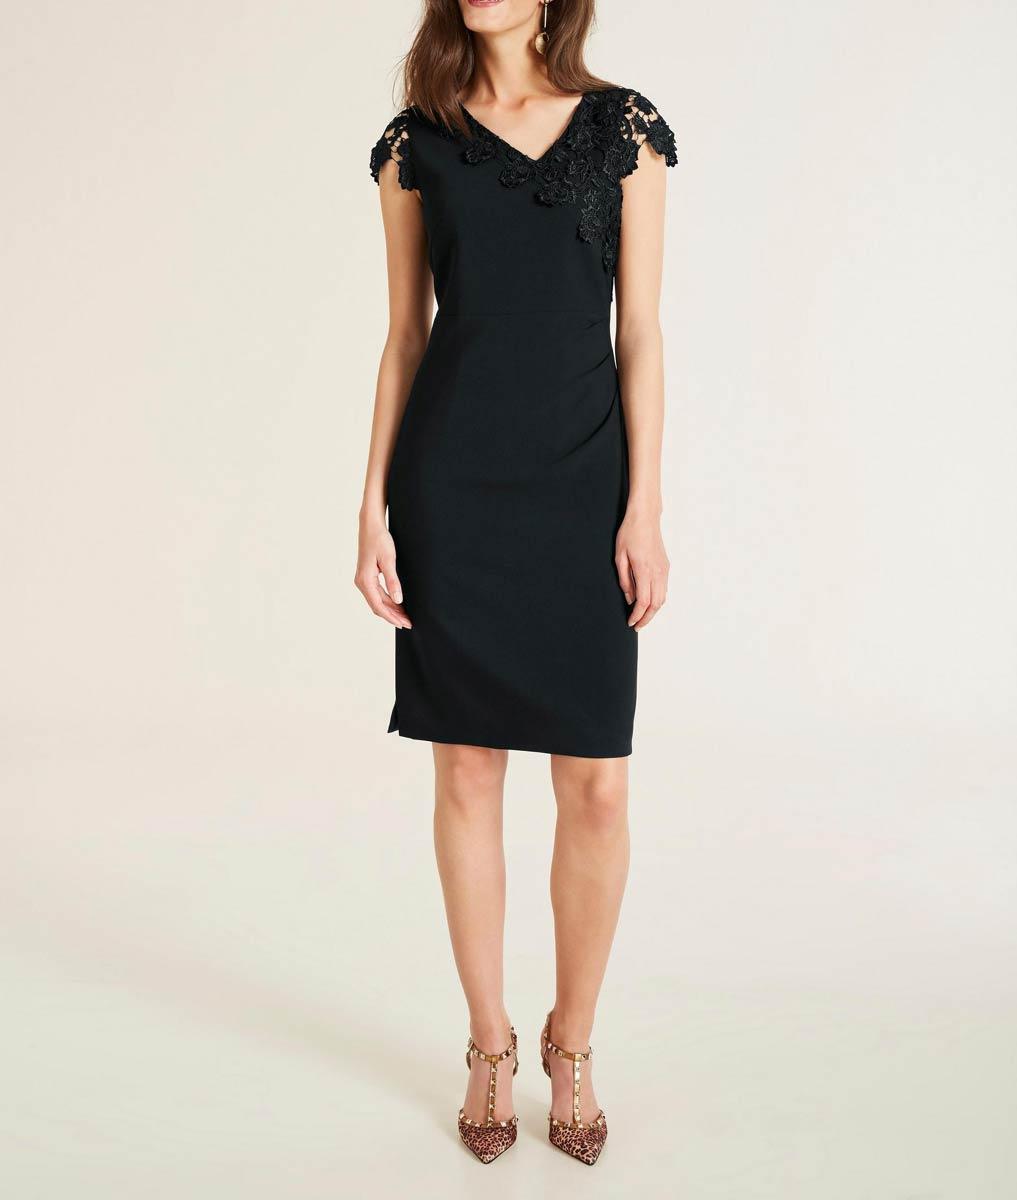 business kleider für damen ASHLEY BROOKE Damen Designer-Etuikleid m. Spitze Schwarz 738.504 Missforty